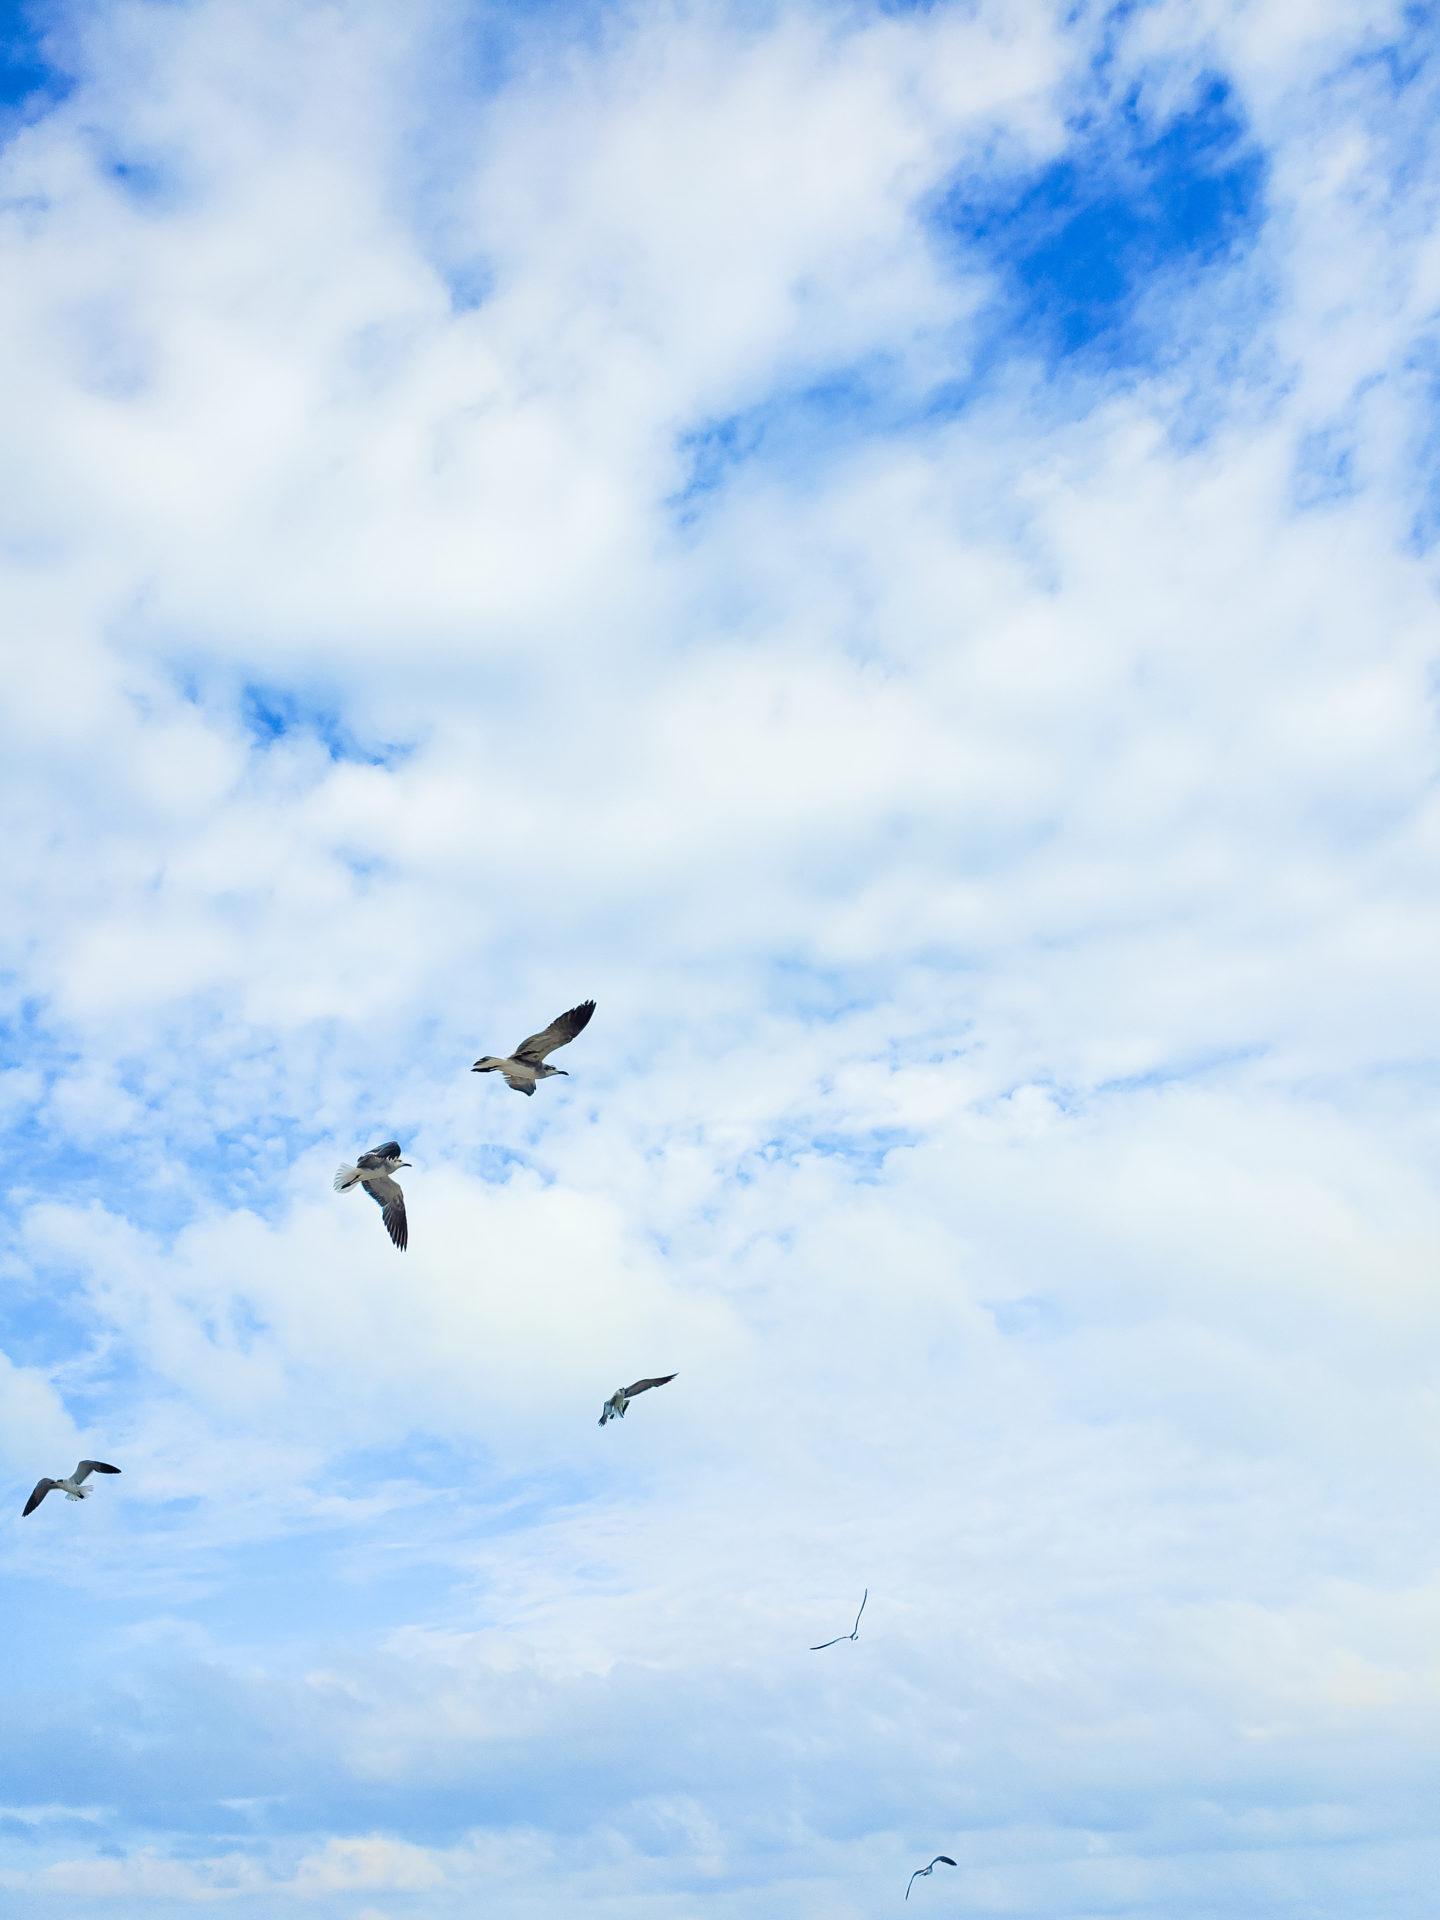 Birds Flying in a Blue Skye.